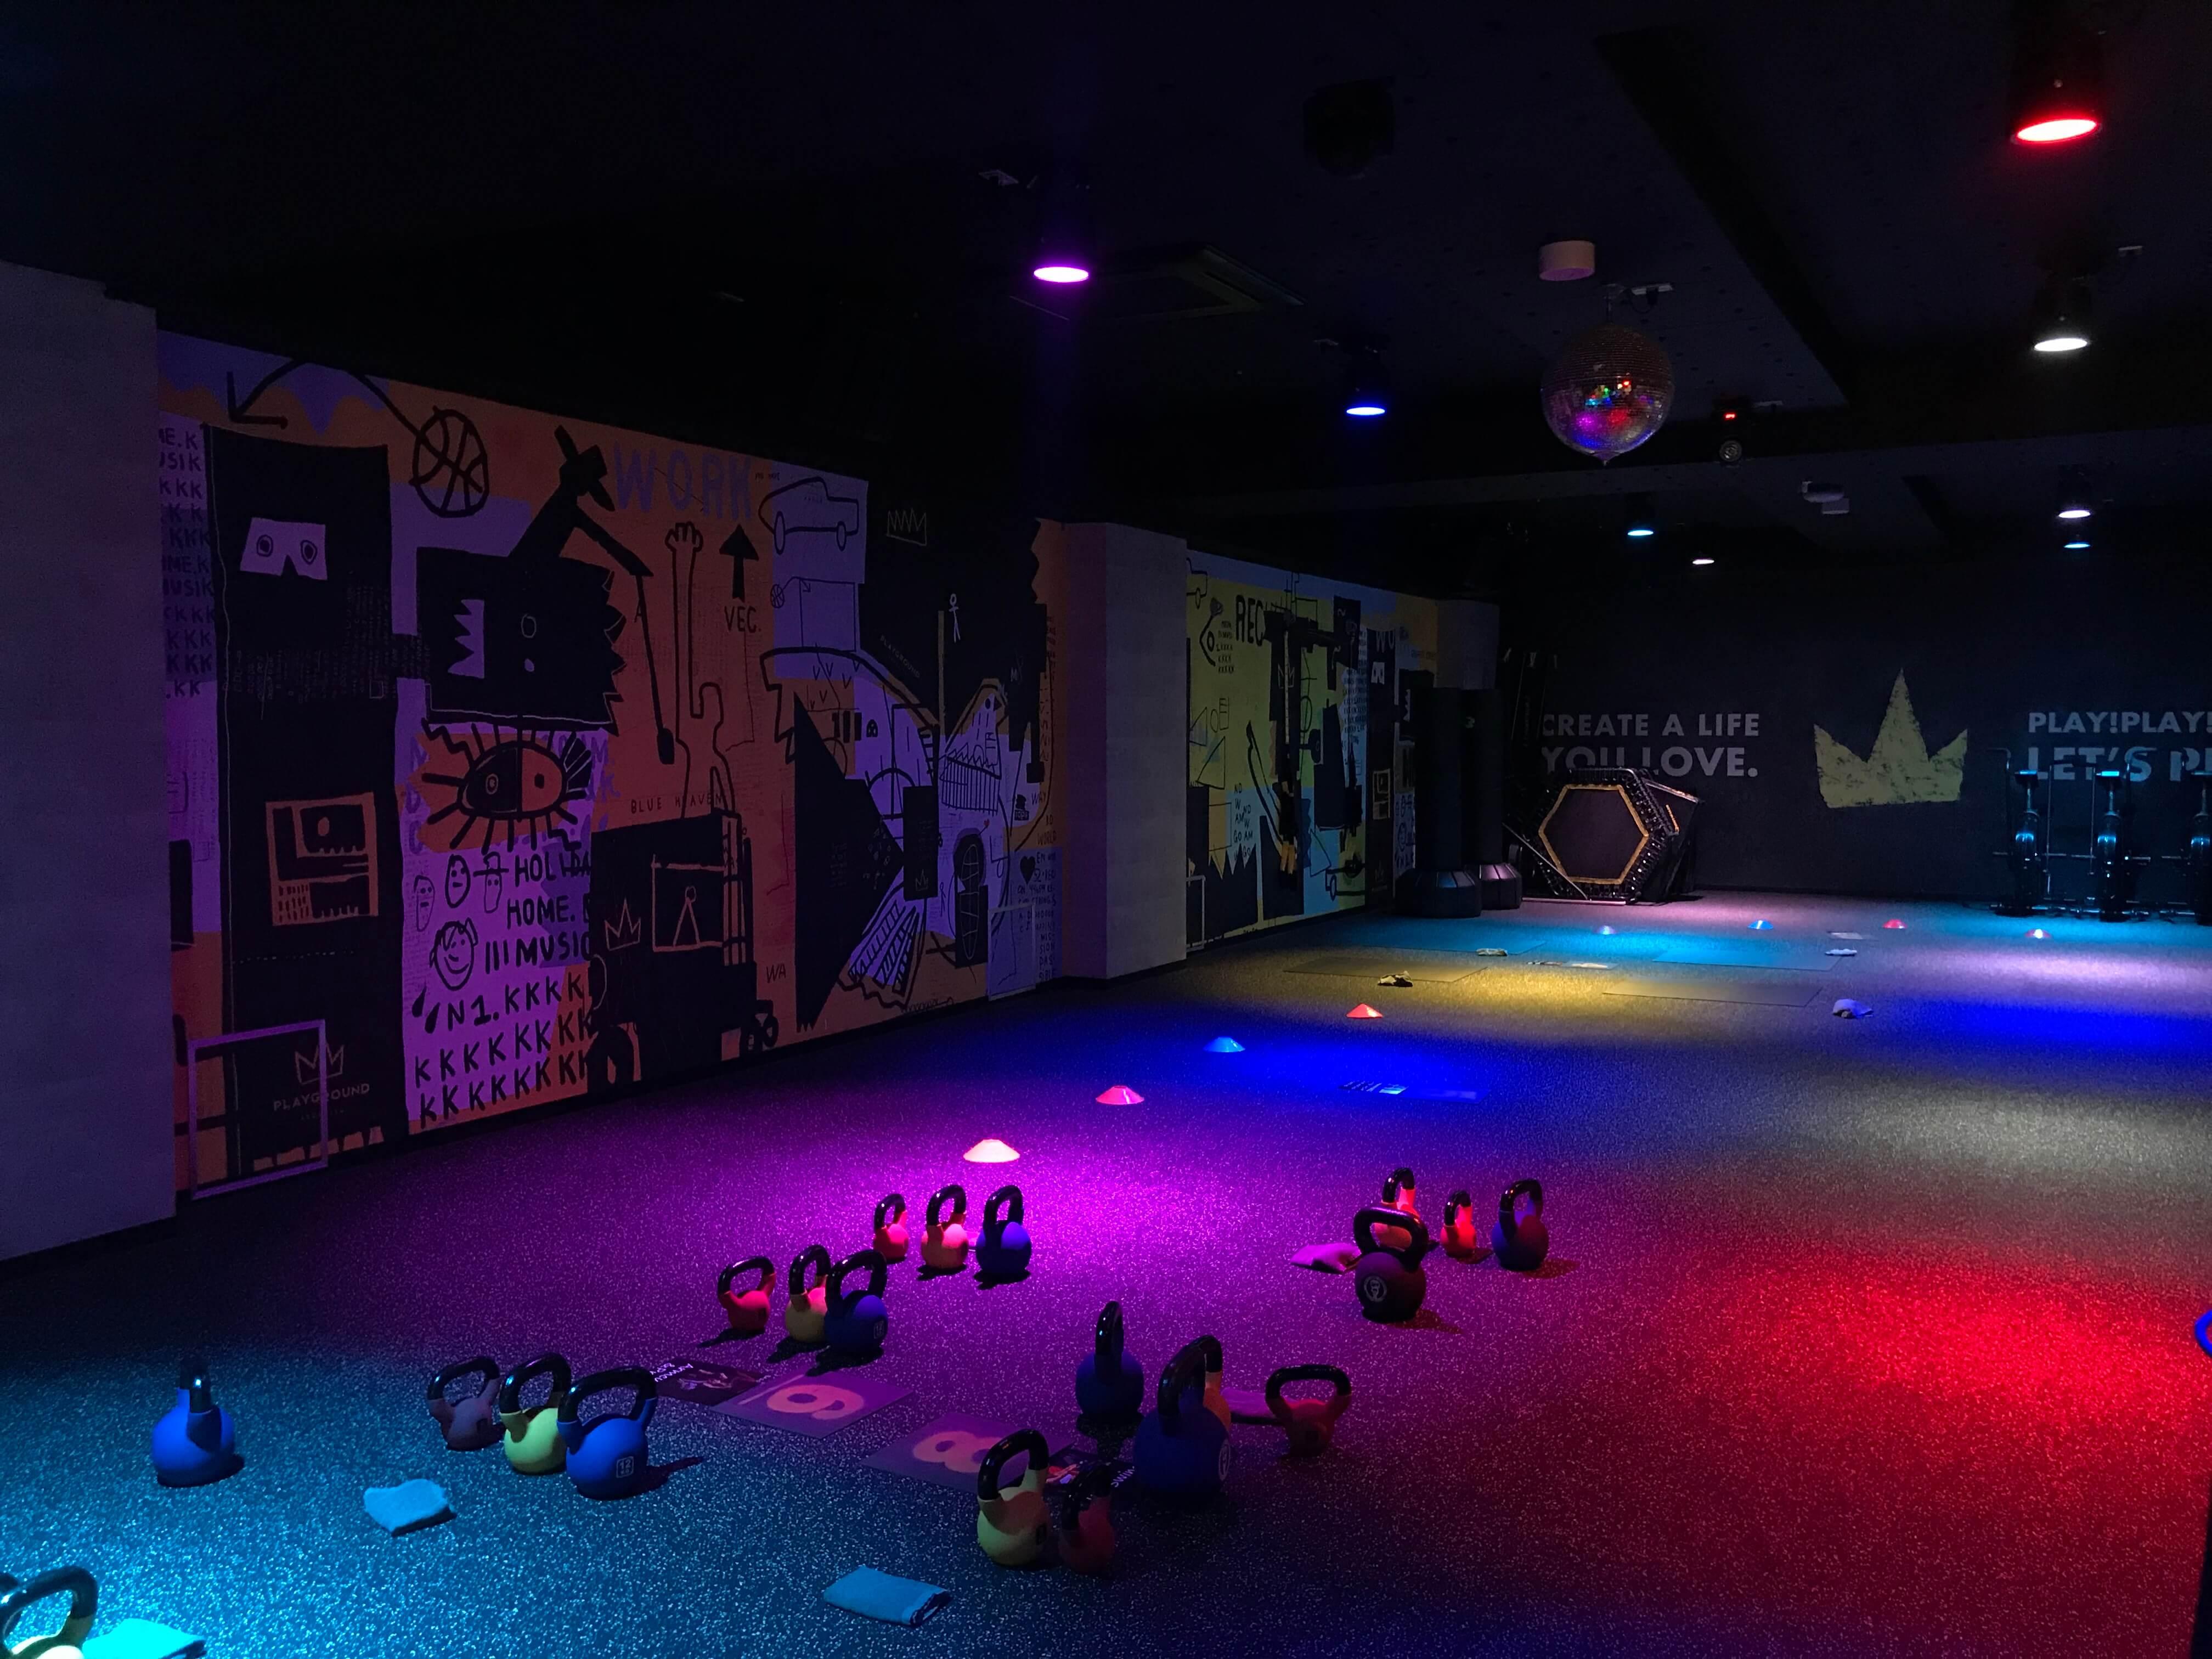 ニューヨーク、ブルックリンで話題の暗闇フィットネス【PLAYGROUD GINZA】を体験してきました!